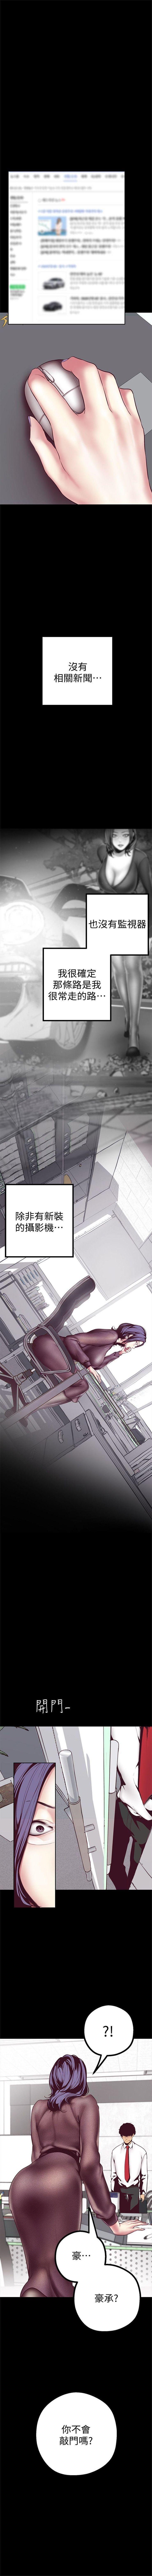 美麗新世界 1-85 官方中文(連載中) 81